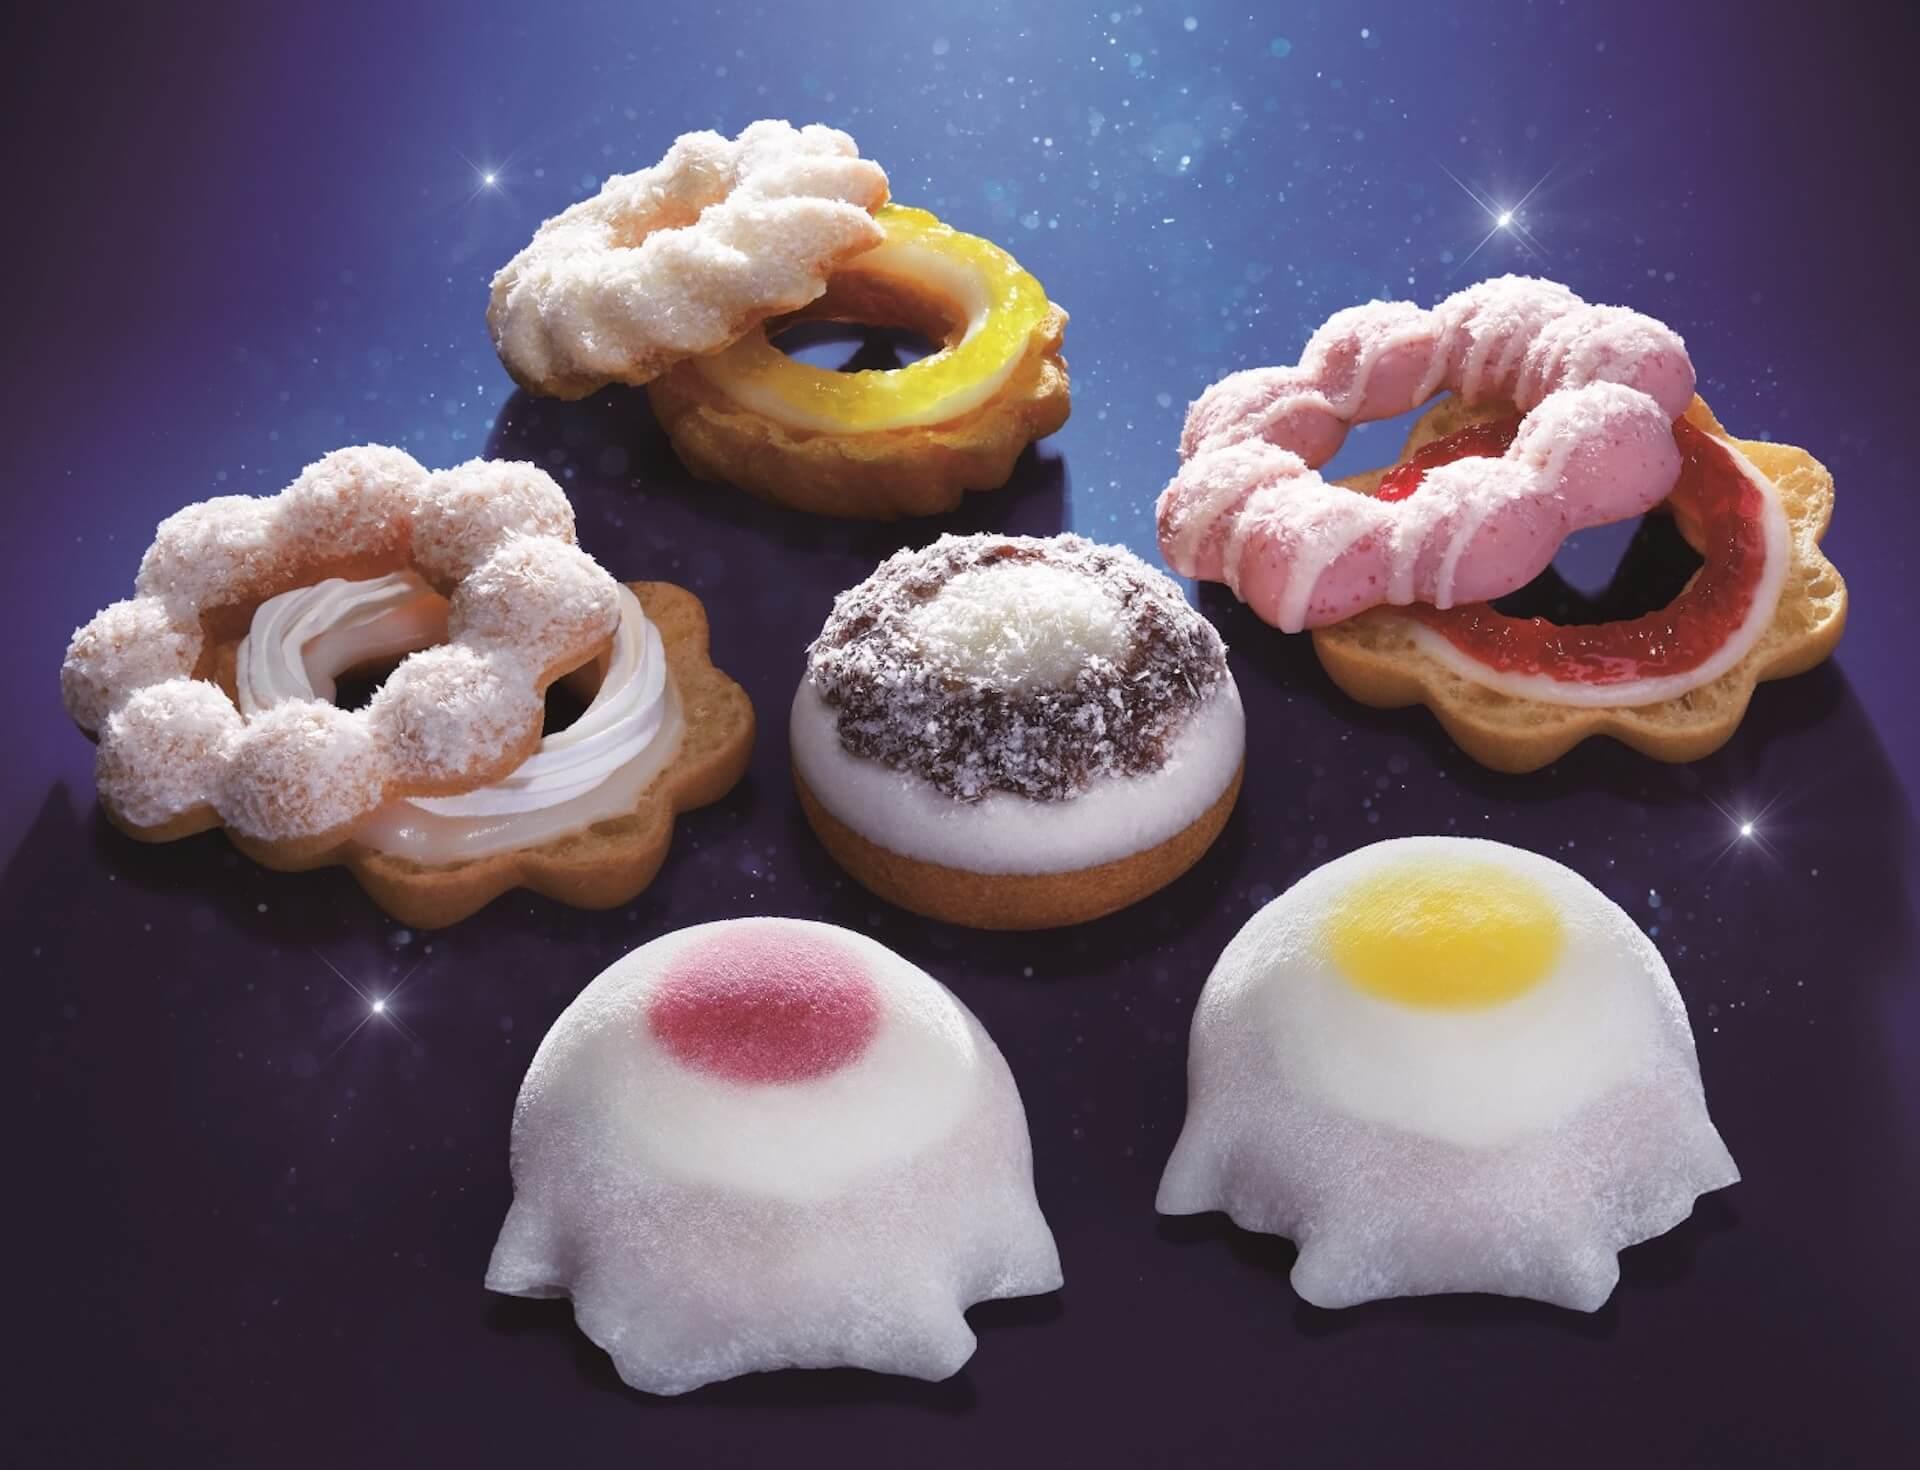 ミスタードーナツにもち×ドーナツの新食感スイーツ誕生!『もちクリームドーナツコレクション』全6種類が発売決定 gourmet200630_misterdonuts_7